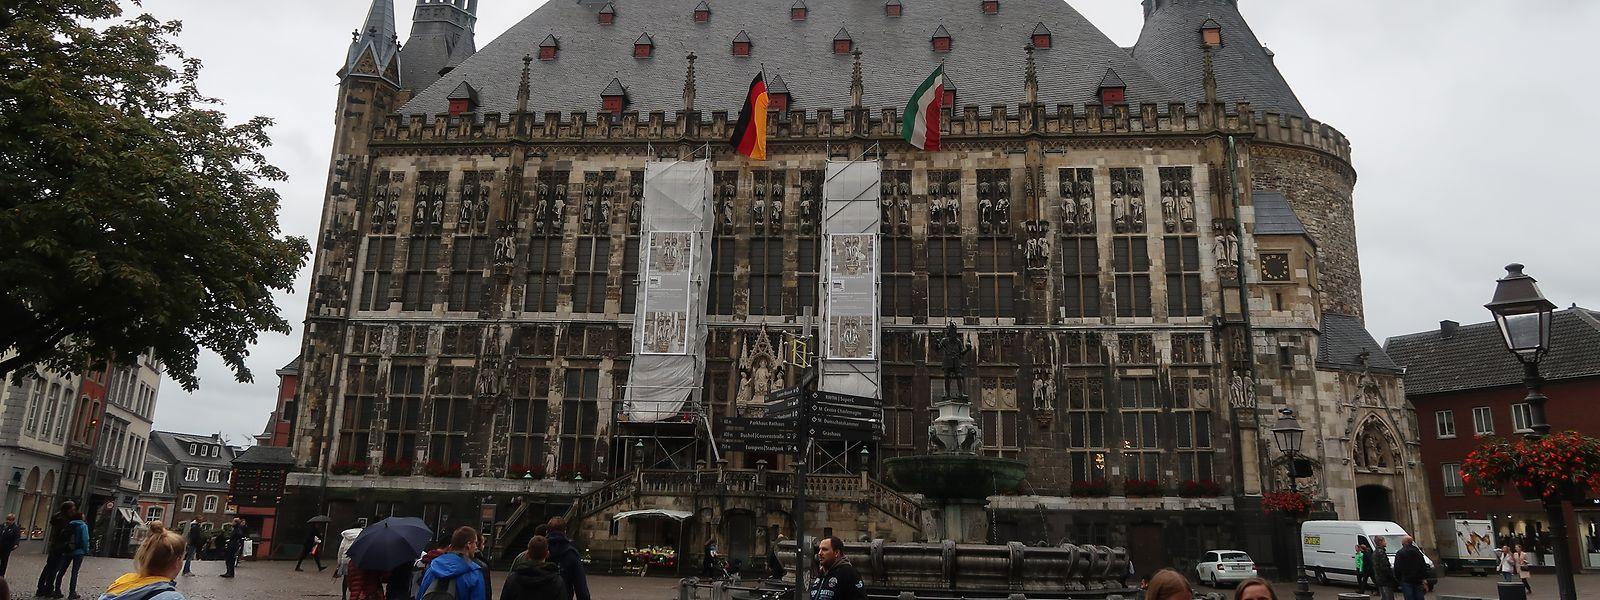 Das Rathaus von Aachen wurde im 14. Jahrhundert erbaut.